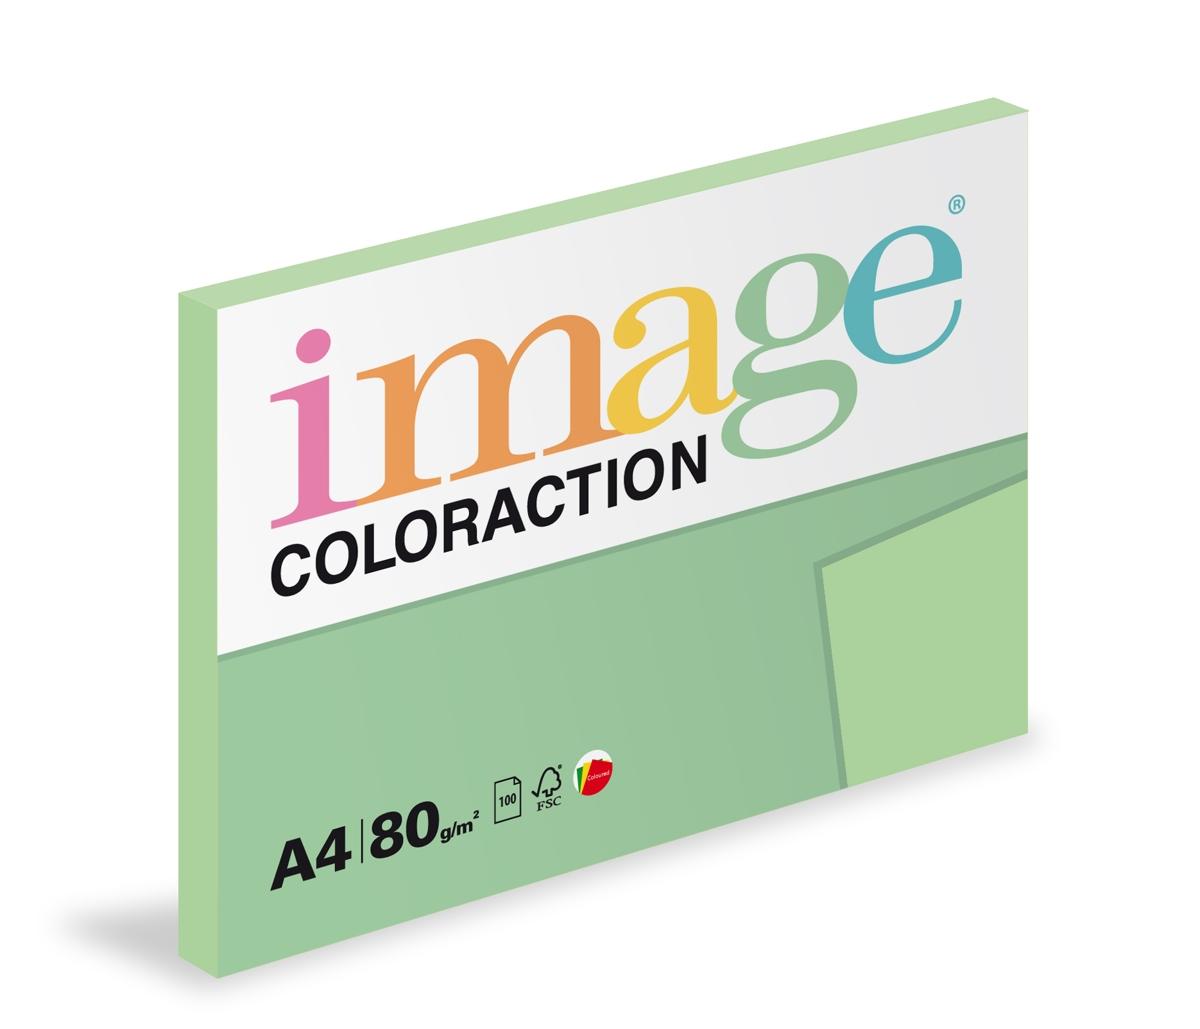 Papír kopírovací Coloraction A4 80 g zelená pastelová 100 listů